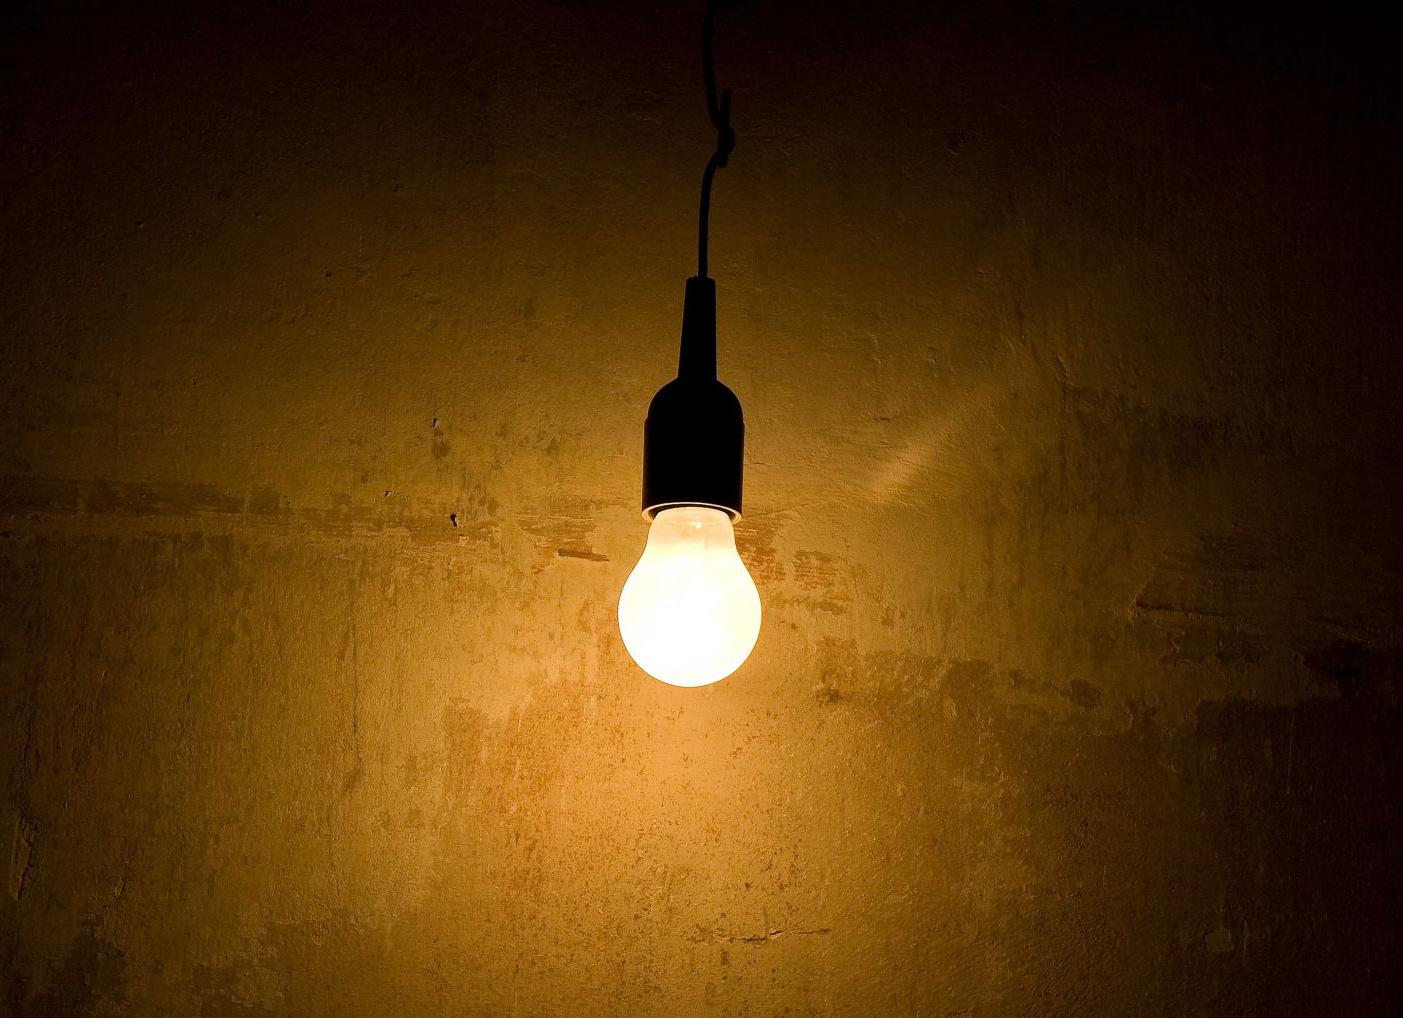 Да будет свет: в Тверской области восстановили энергоснабжение